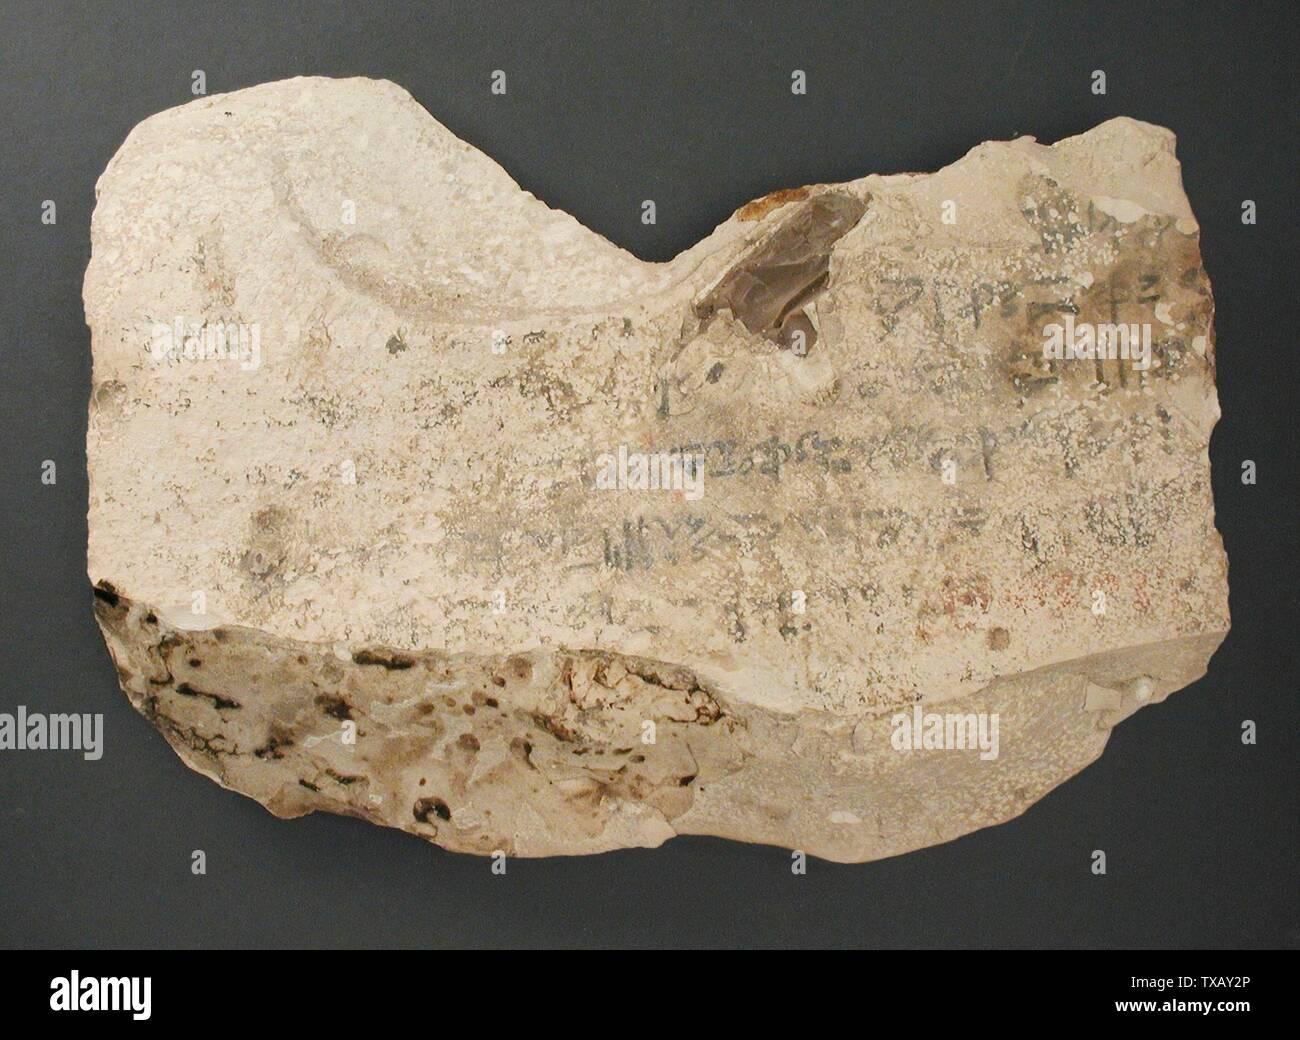 'Ostracon en trois fragments avec la pratique d'un oiseau inscriptions hiératiques signe sur le recto et une sagesse hiératique sur le verso du texte; l'Égypte, Nouvel Empire, 18e - 20e dynastie (1504 - 1081 avant notre ère) Outils et équipement; ostraka un calcaire) 7 1/2 x 11 1/16 in. (19 x 28 cm); b) 4 1/4 x 7 5/16 in. (10,8 x 18,5 cm); c) 5 1/2 x 6 11/16 in. (14 x 17 cm) Don de Carl W. Thomas (M.80.203.209a-c) l'art égyptien; 18e - 20e dynastie (1504 - 1081 avant notre ère); ' Photo Stock